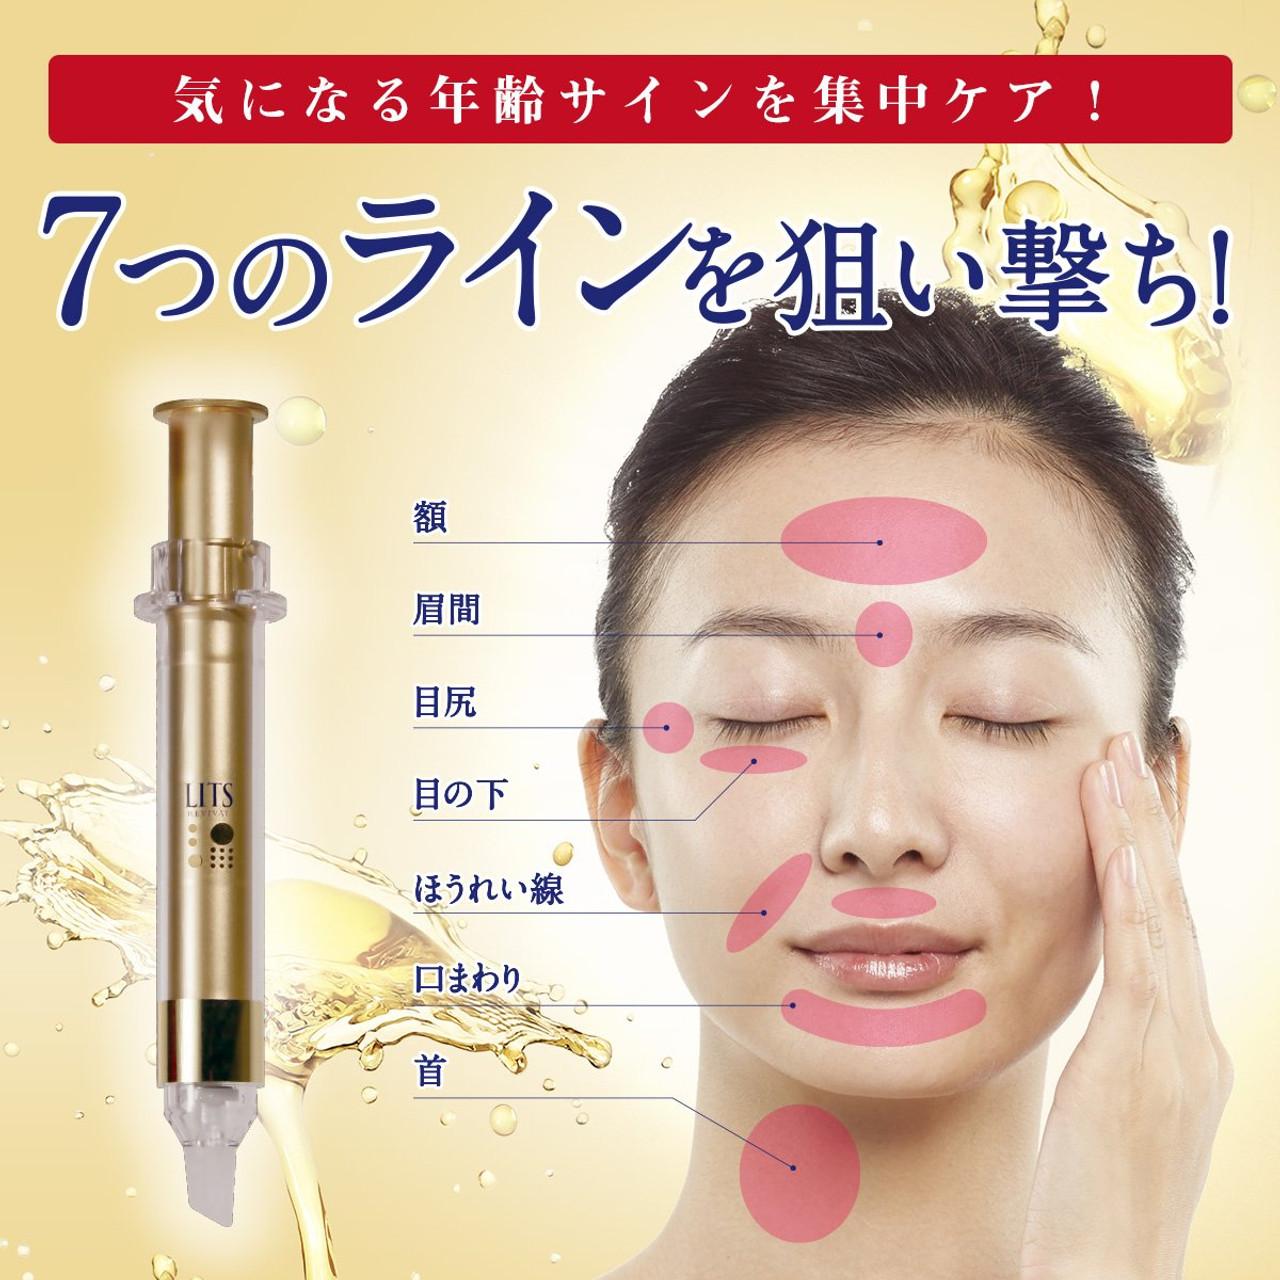 Lits Revival Line Zero Интенсивная сыворотка-крем для кожи вокруг глаз и рта: схема применения